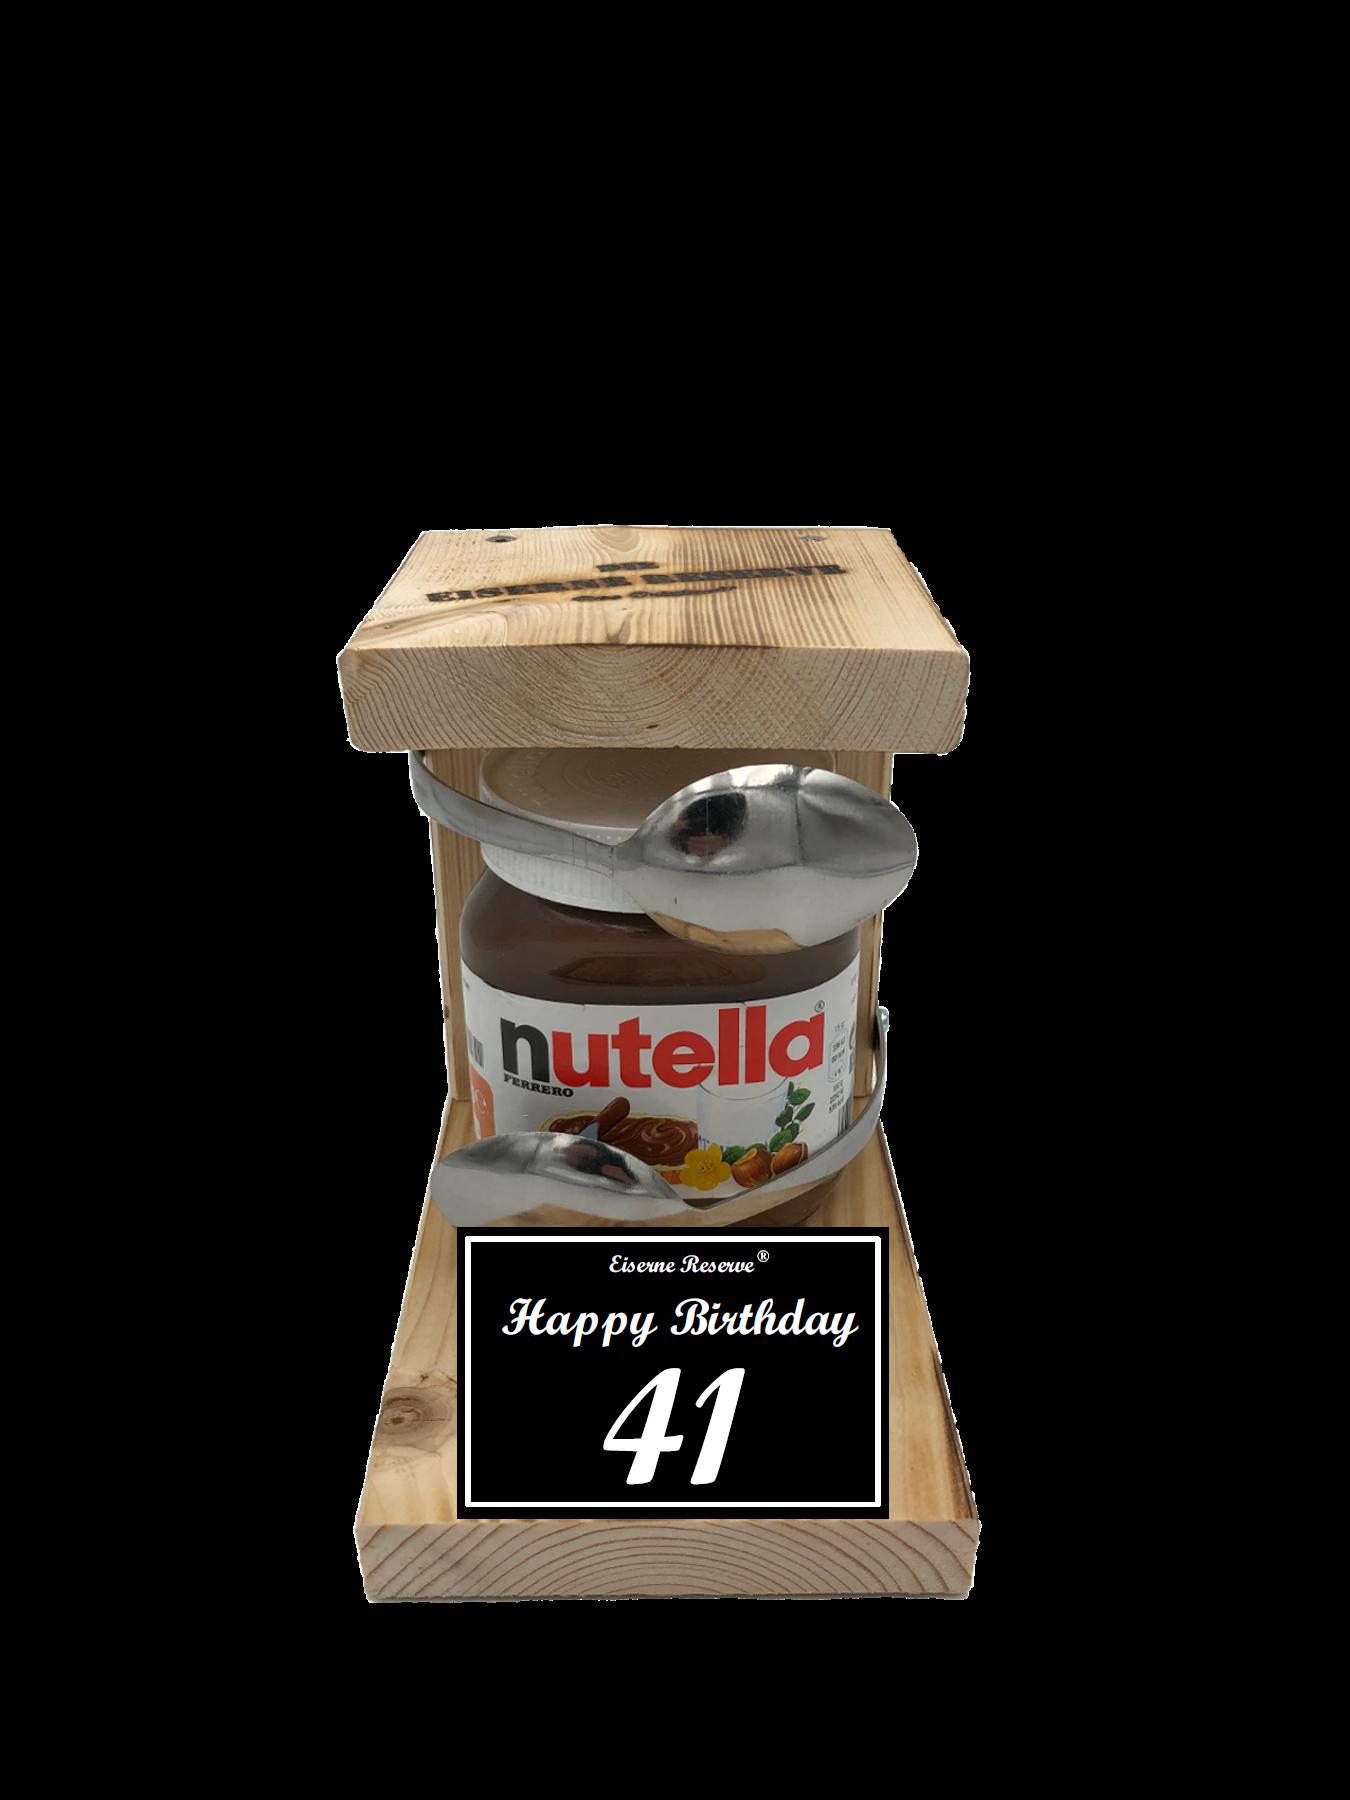 41 Happy Birthday Löffel Nutella Geschenk - Die Nutella Geschenkidee